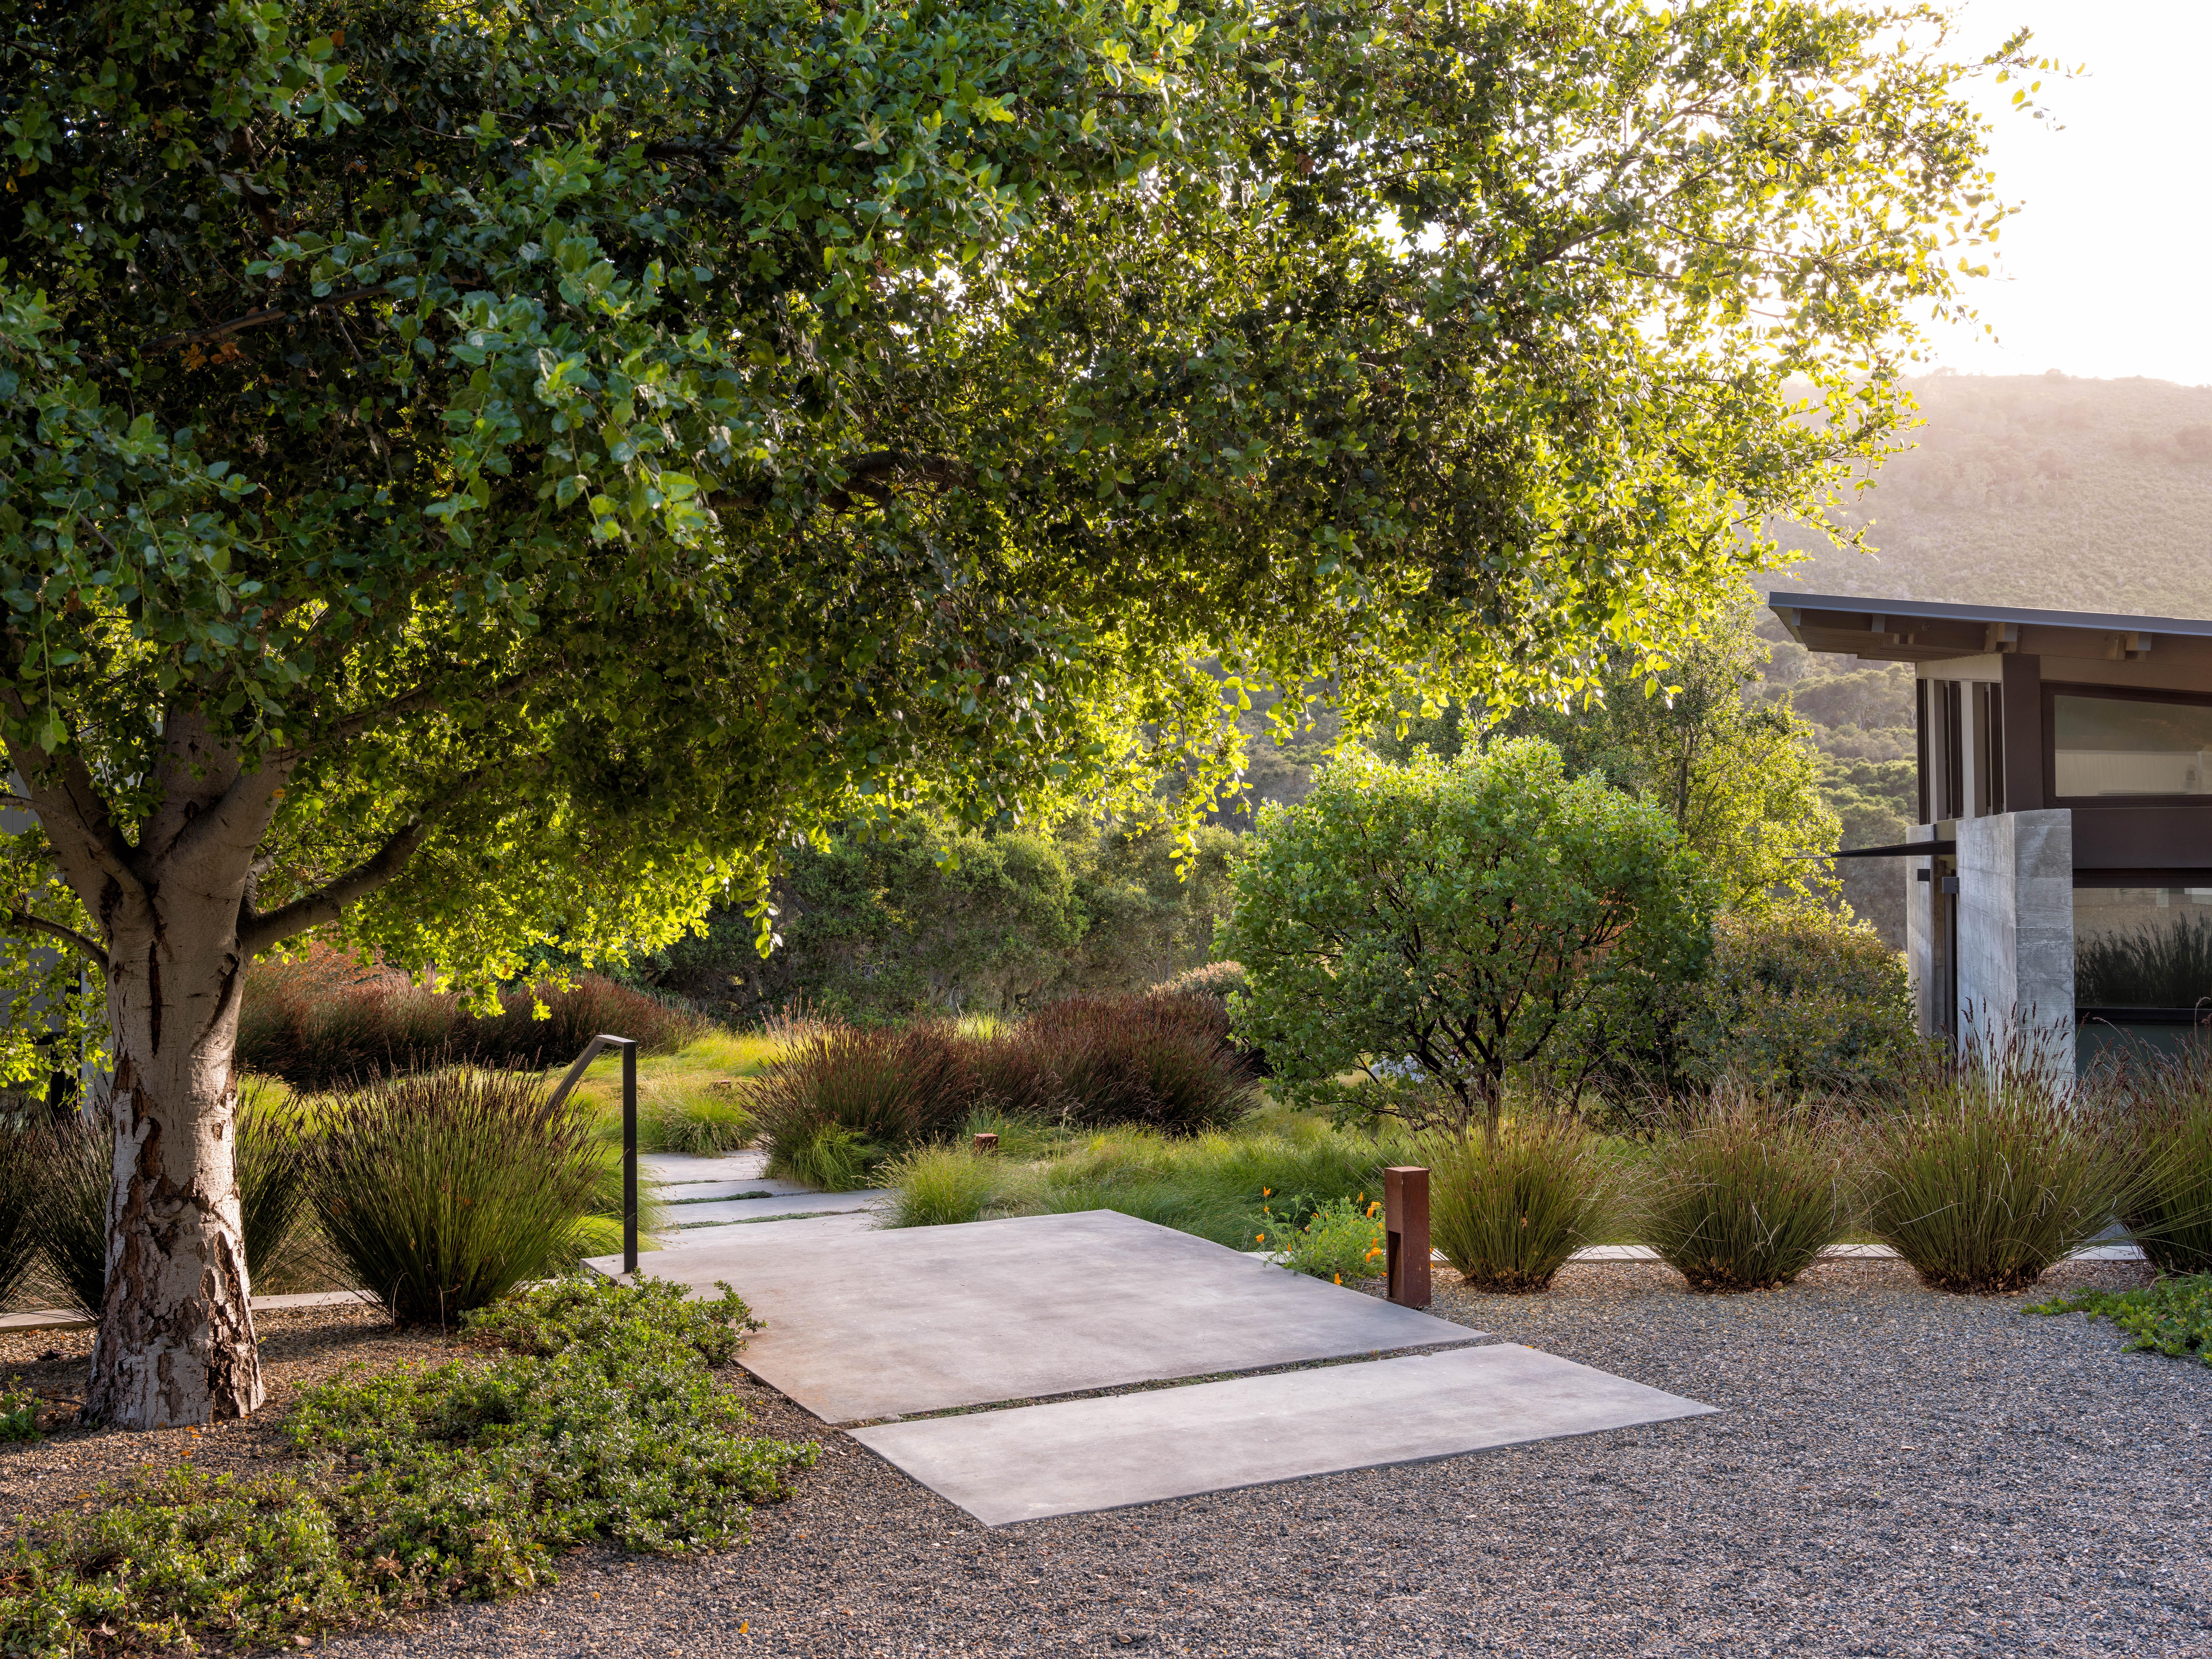 一个加利福尼亚的橡树,一个农场,而树,一个婴儿的橡树,以及植物的棉树